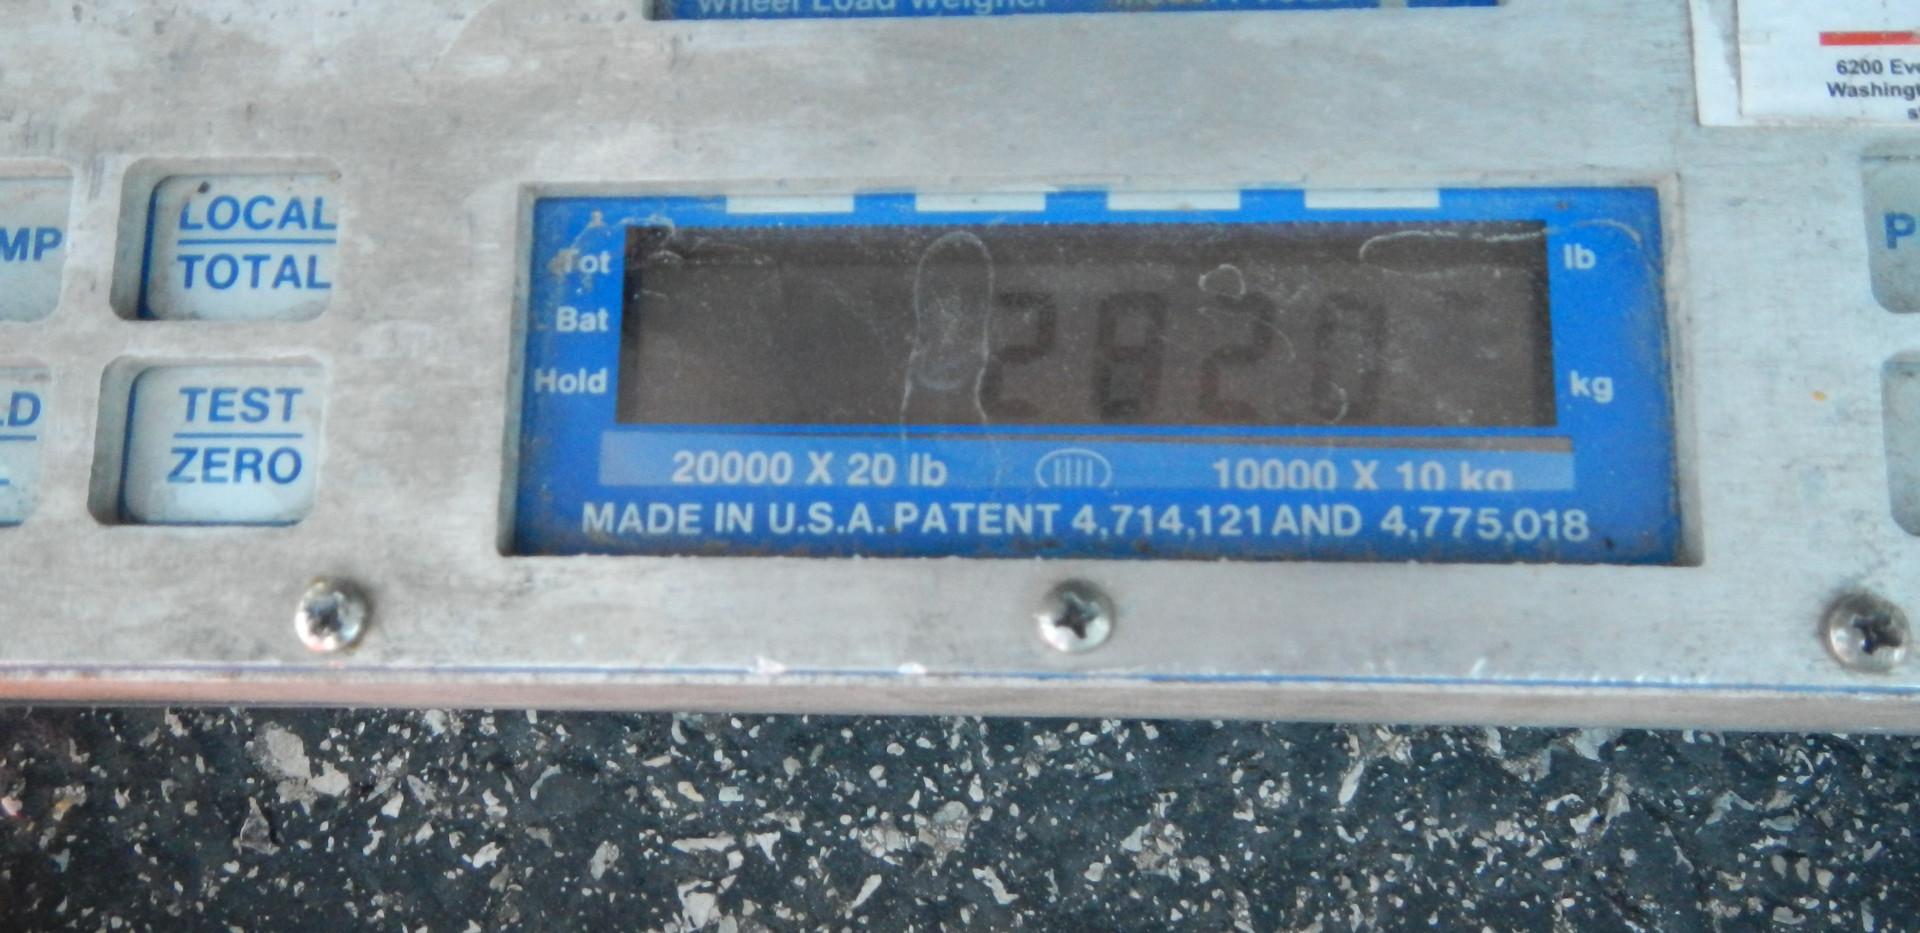 DSCN9568.JPG